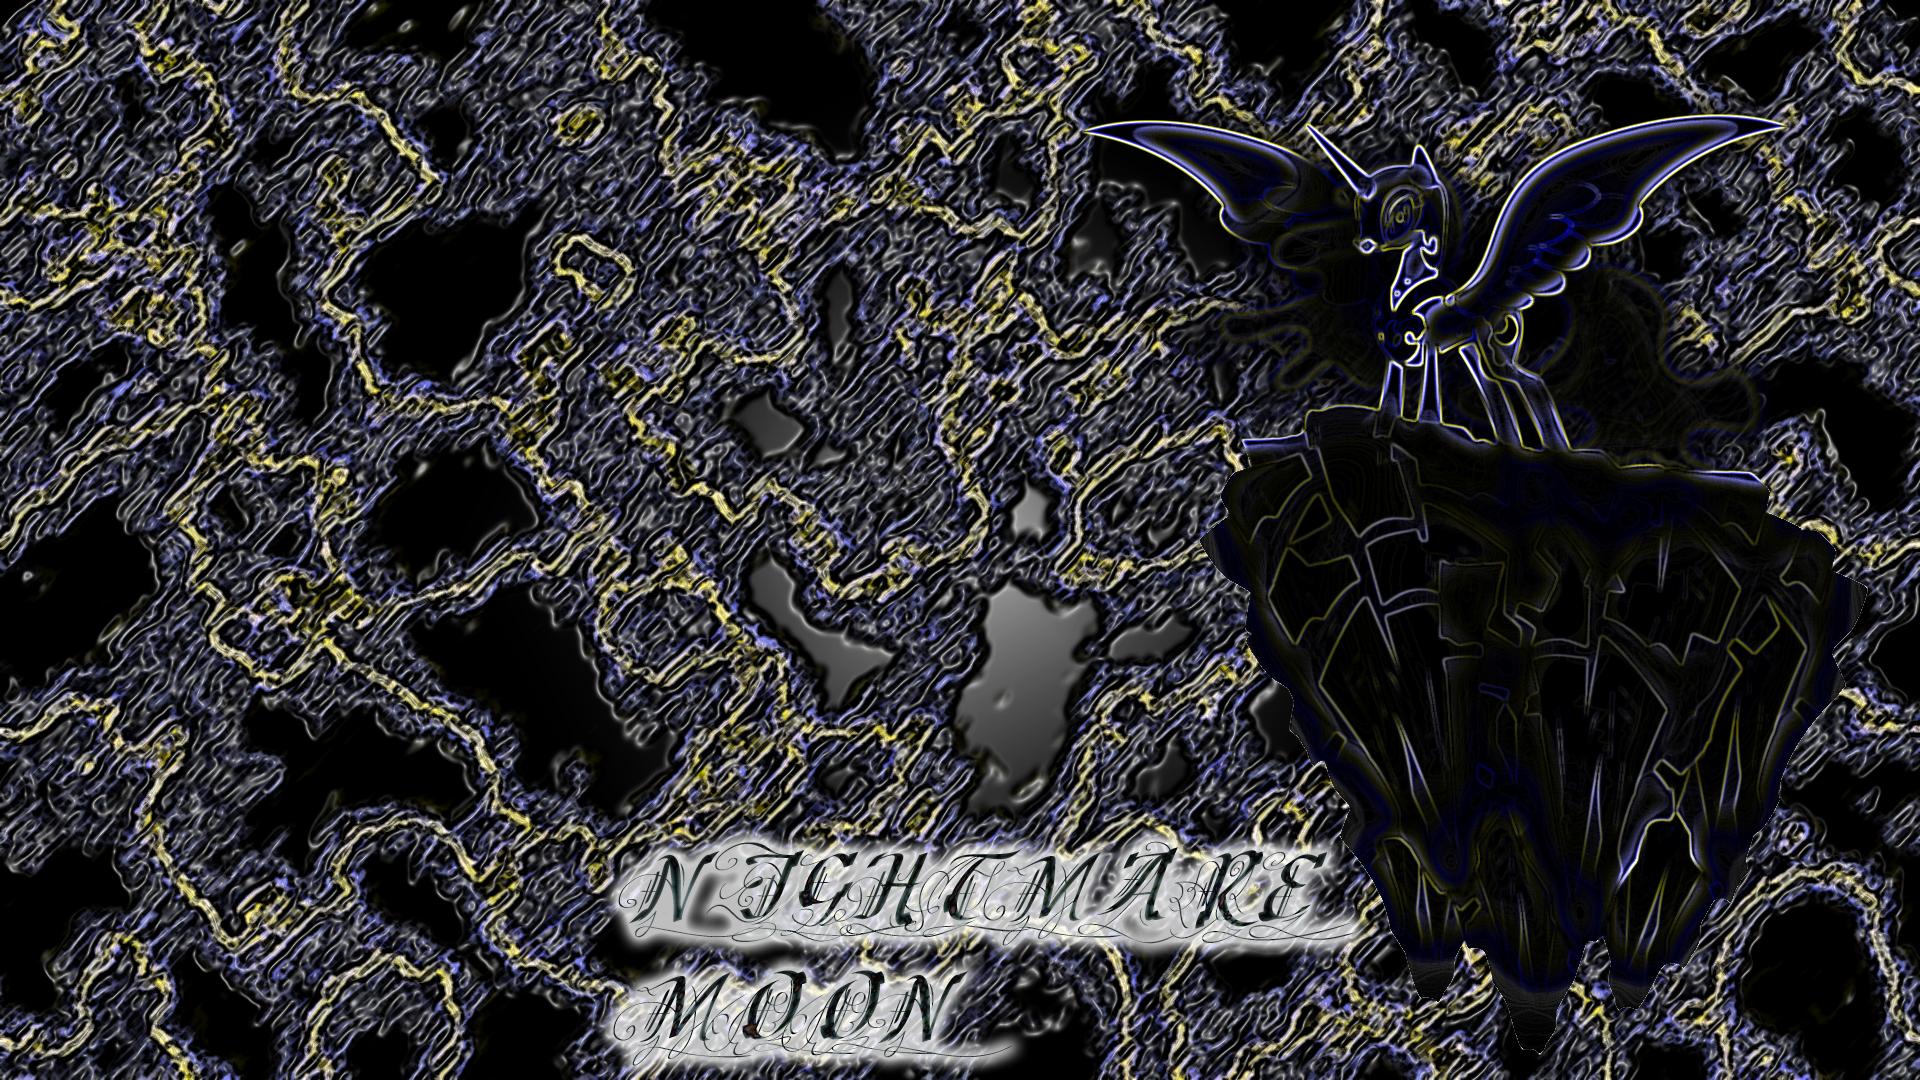 Nightmare moon wallpaper by Diagon197